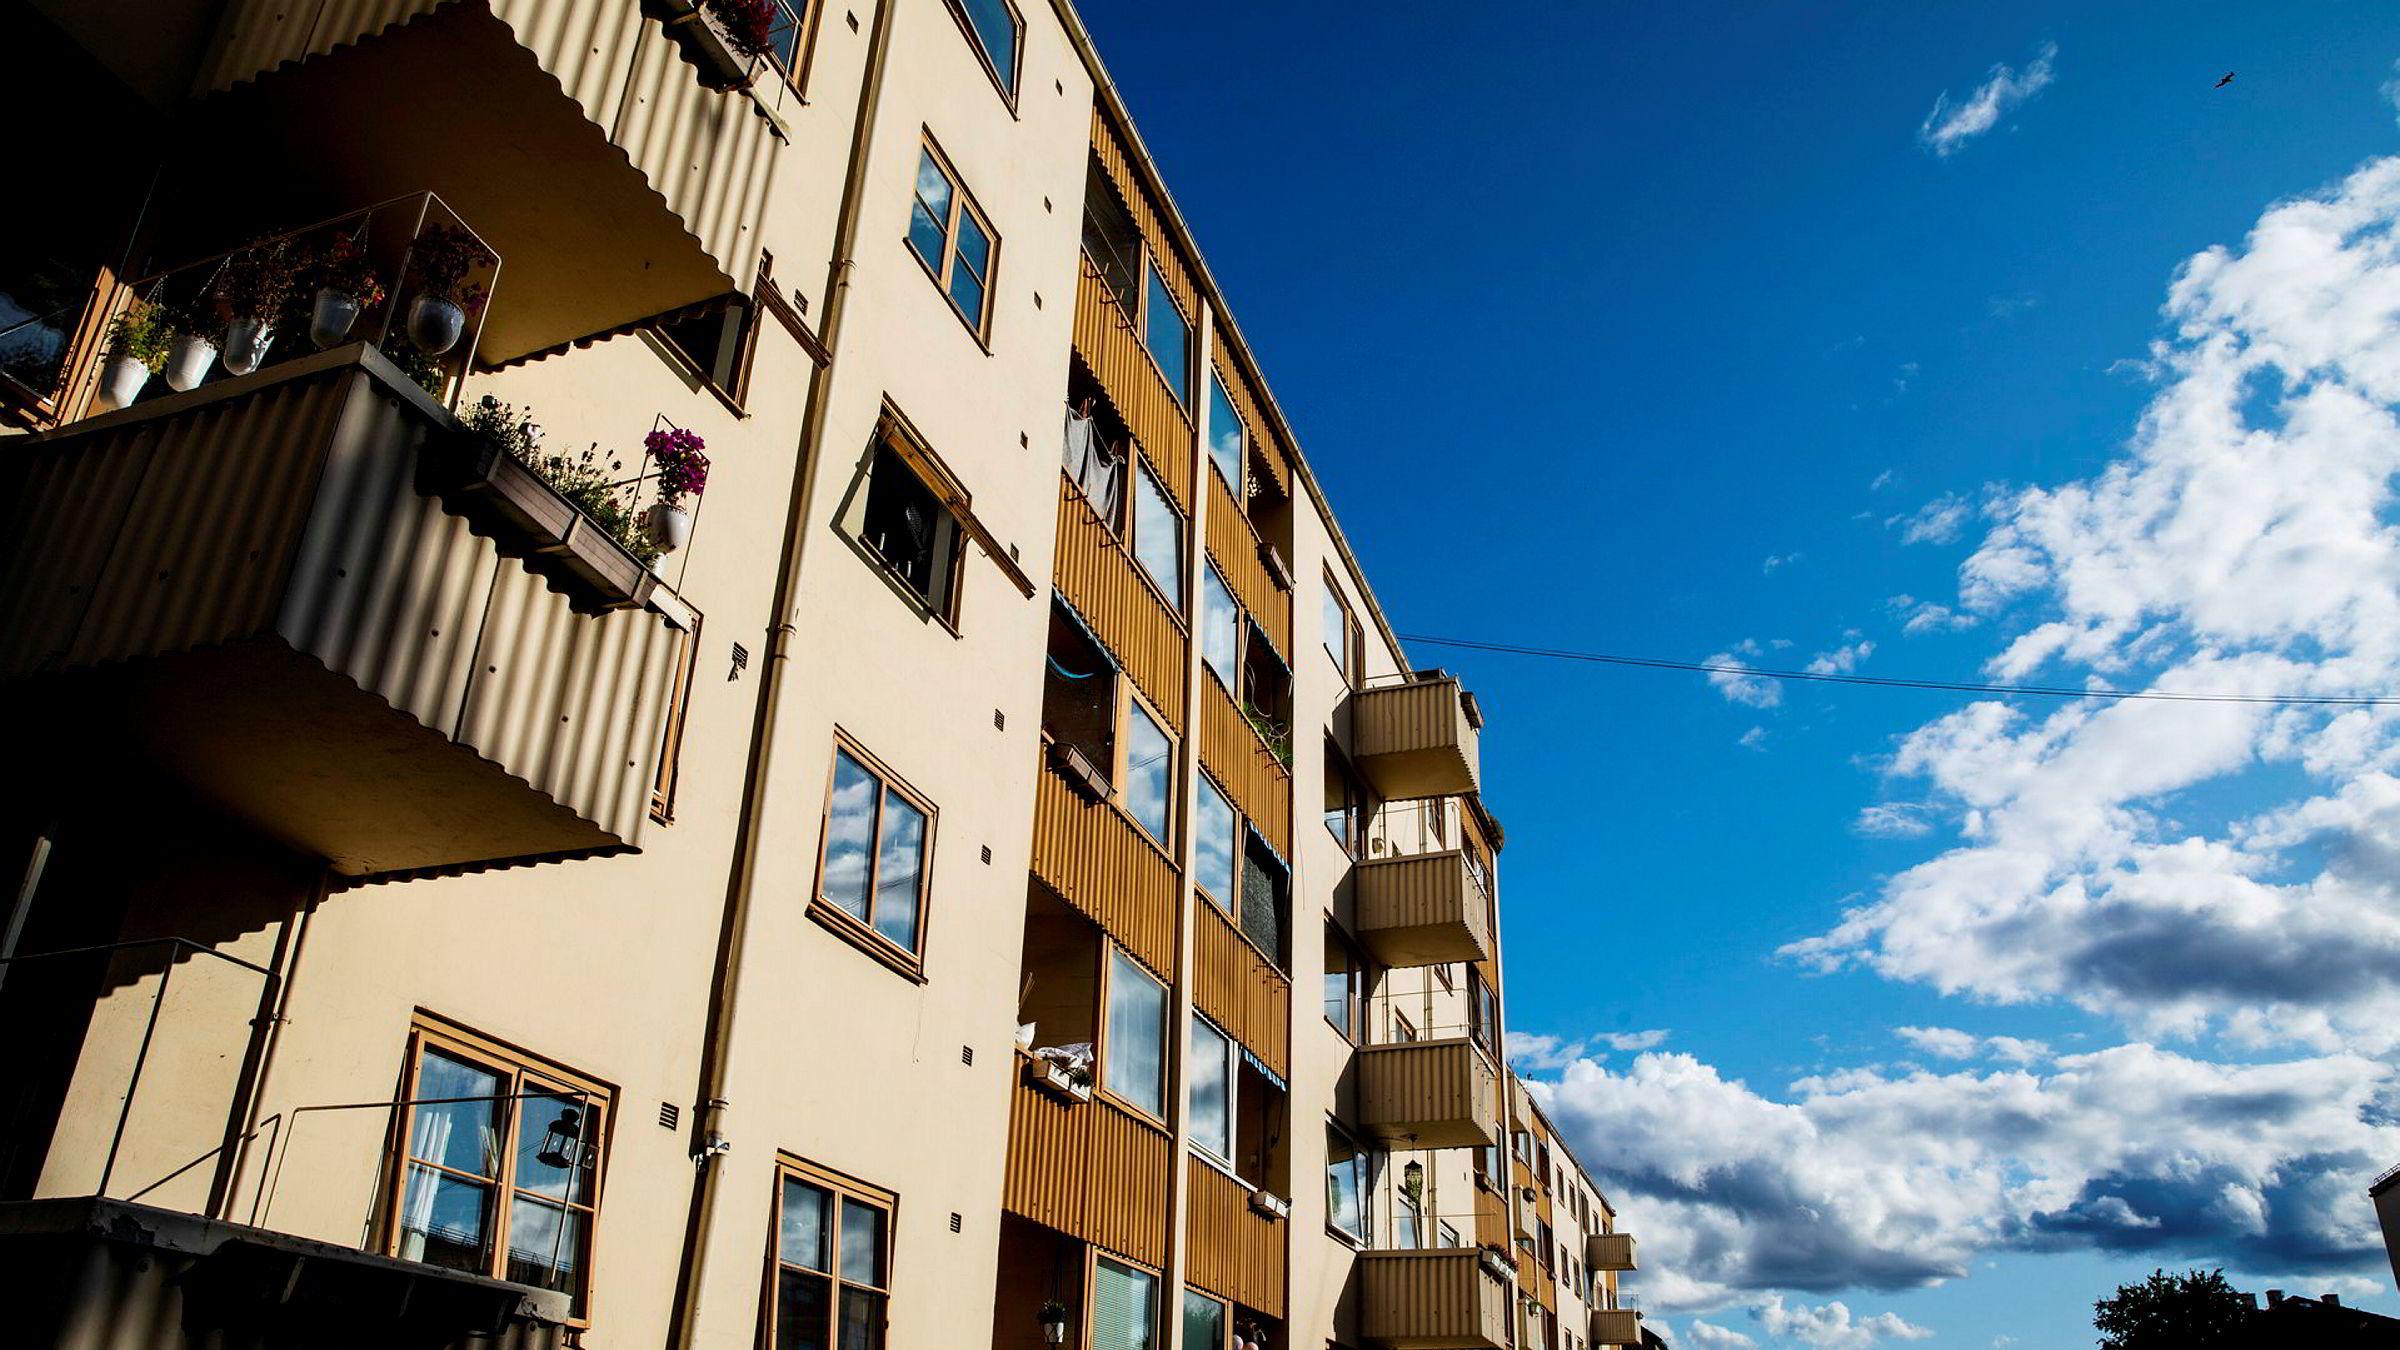 De store eiendomsmeglerkjedene rapporterer om et brennhett boligmarked i juni. Bildet viser bygårder i Oslo.